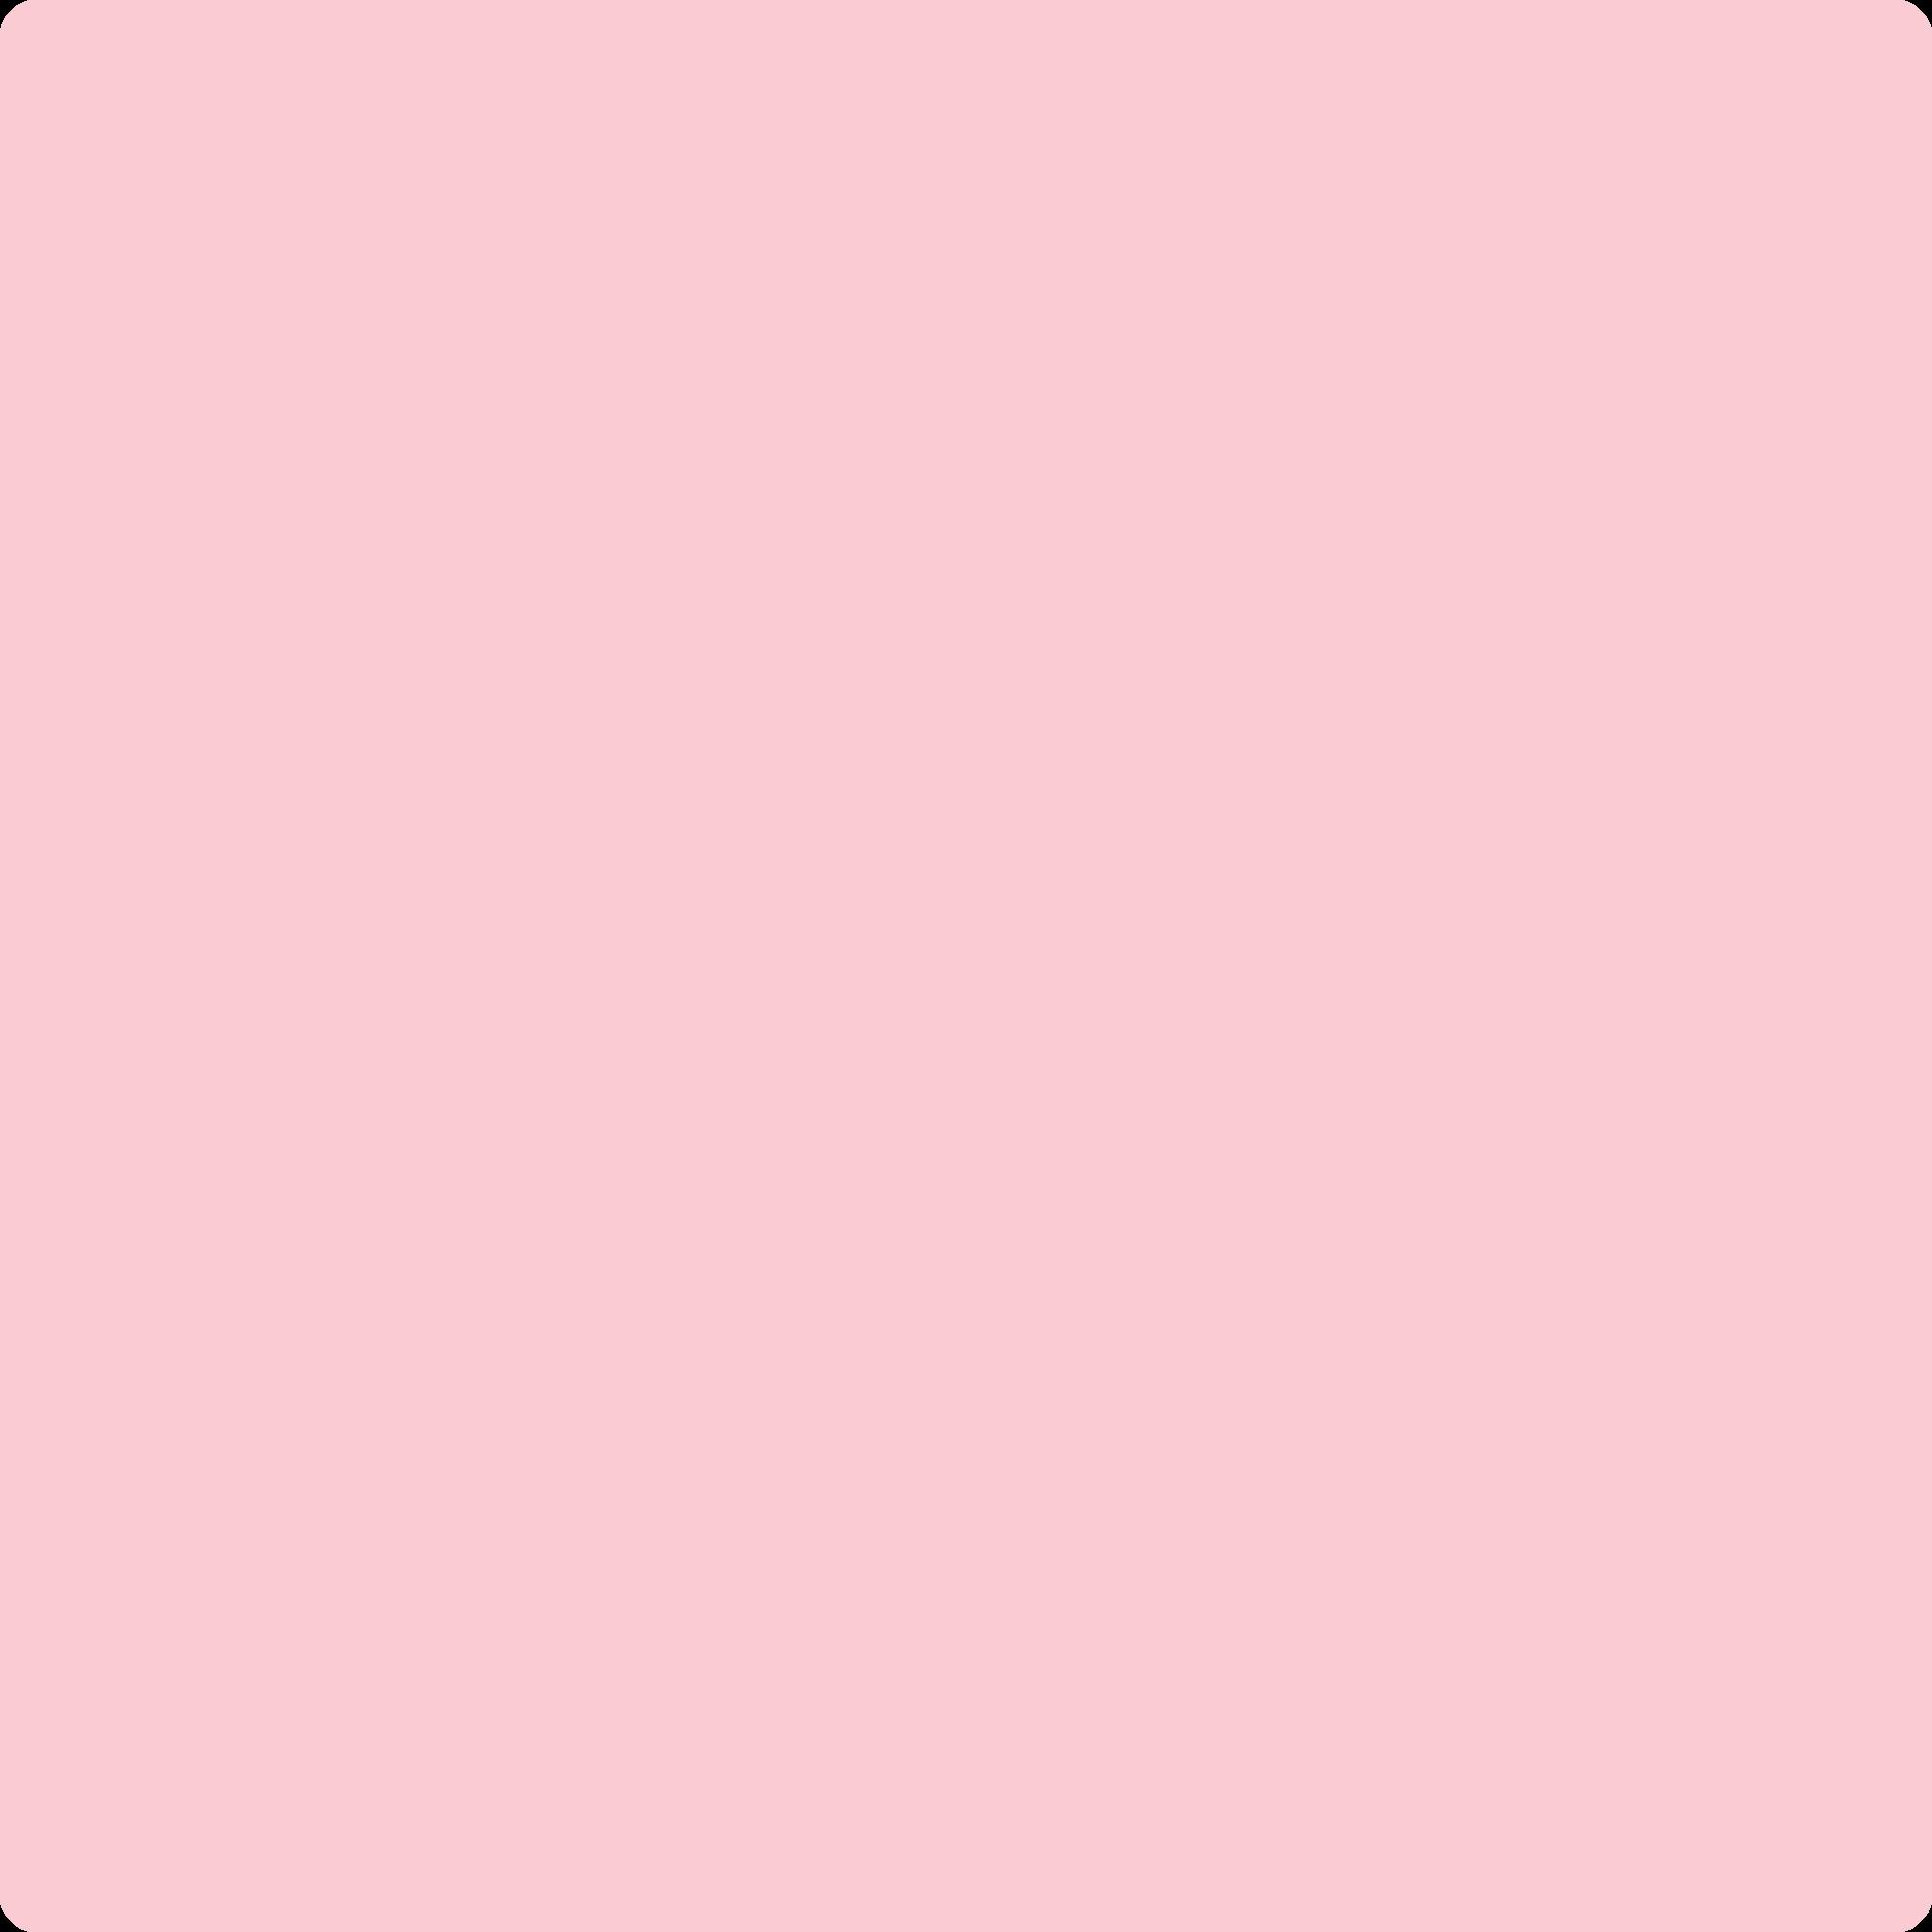 2007-60-pastelpink_2000x.png